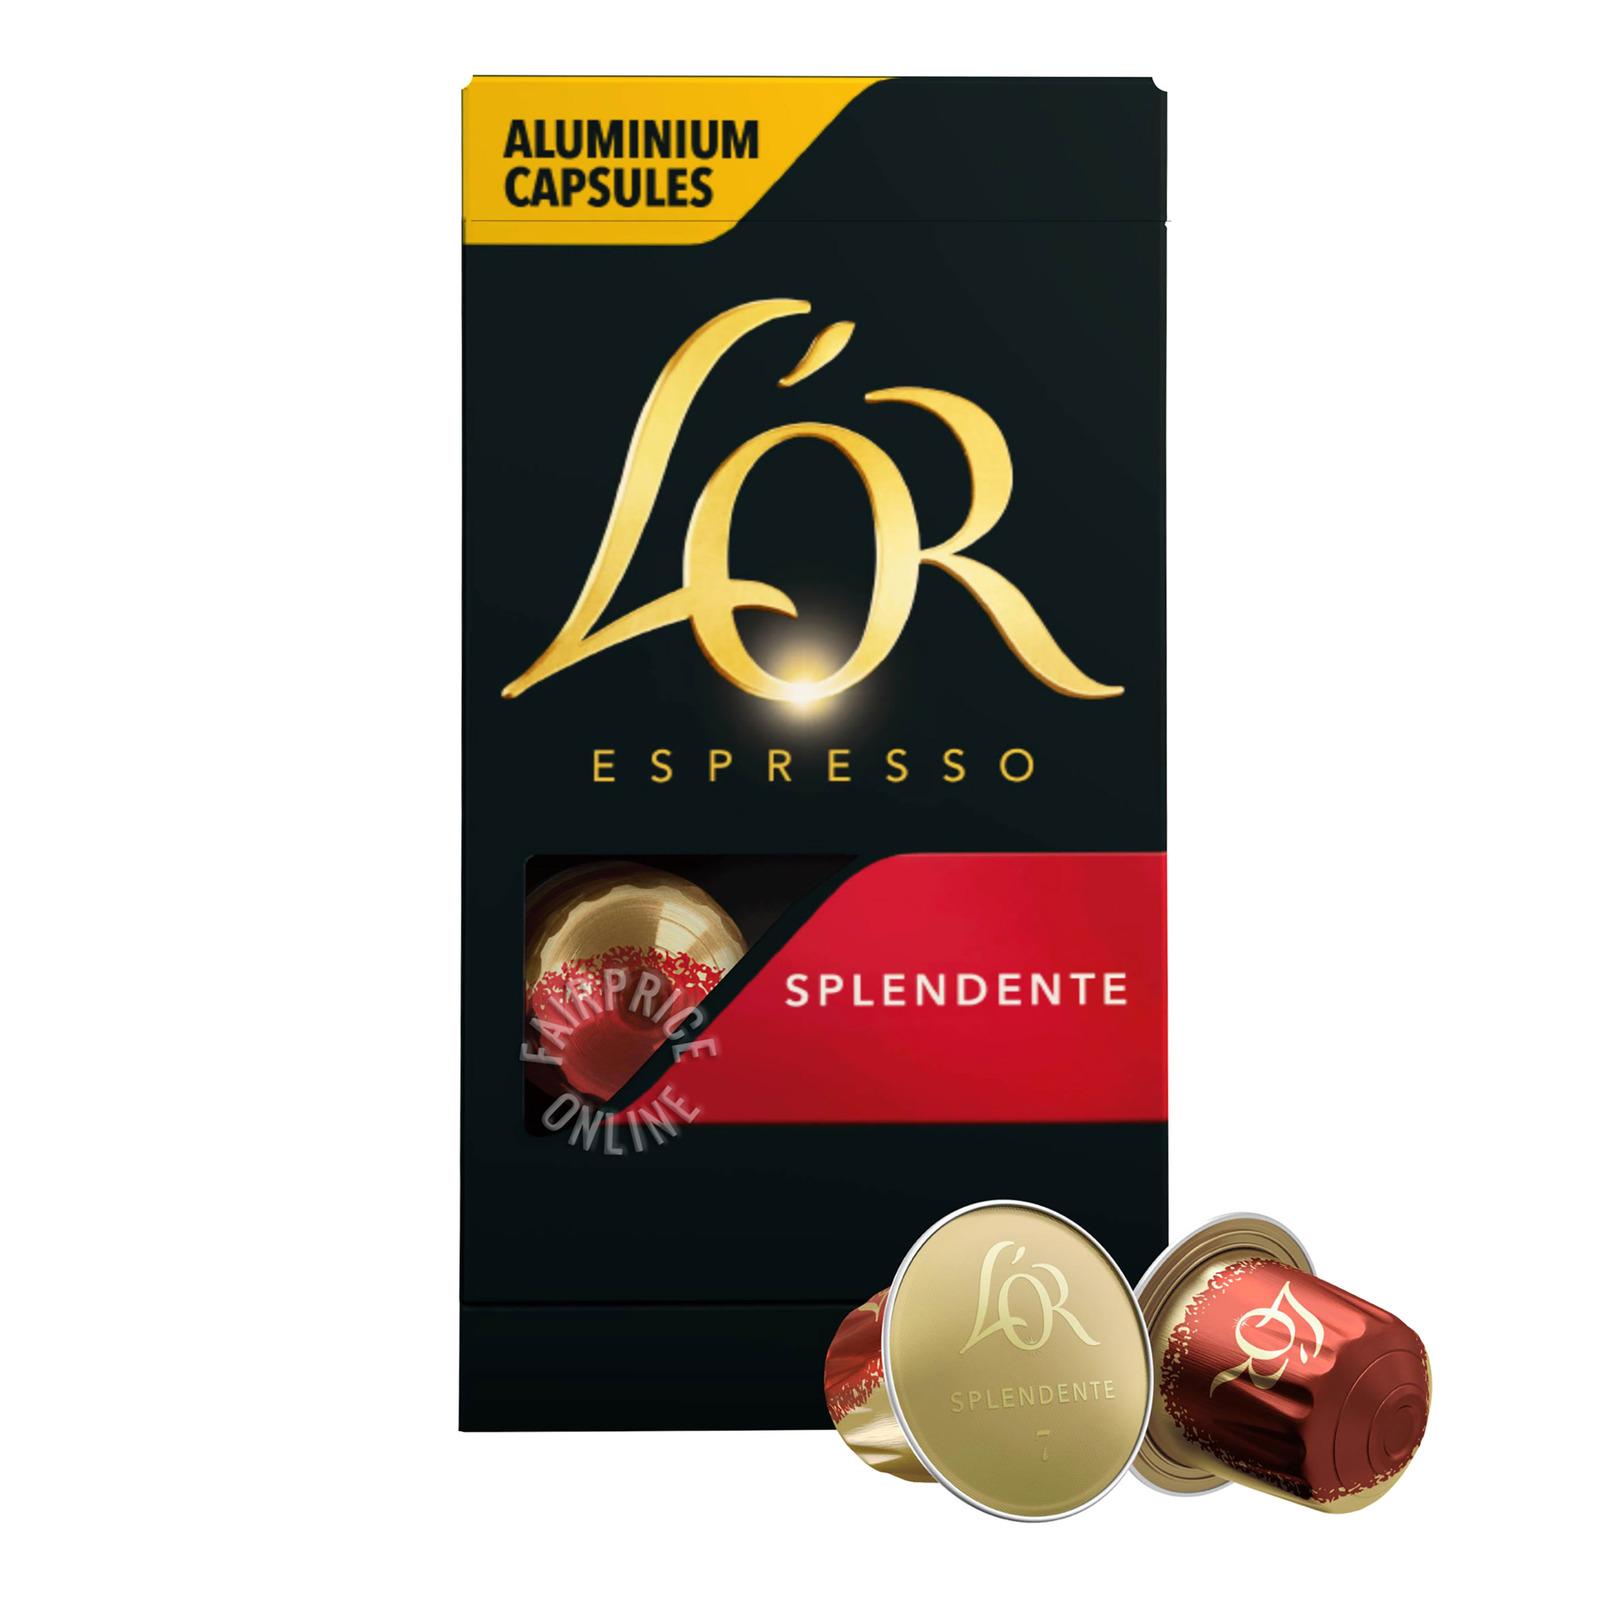 L'OR Espresso Ristretto Intensity 11 - Nespresso Compatible Coffee Capsules